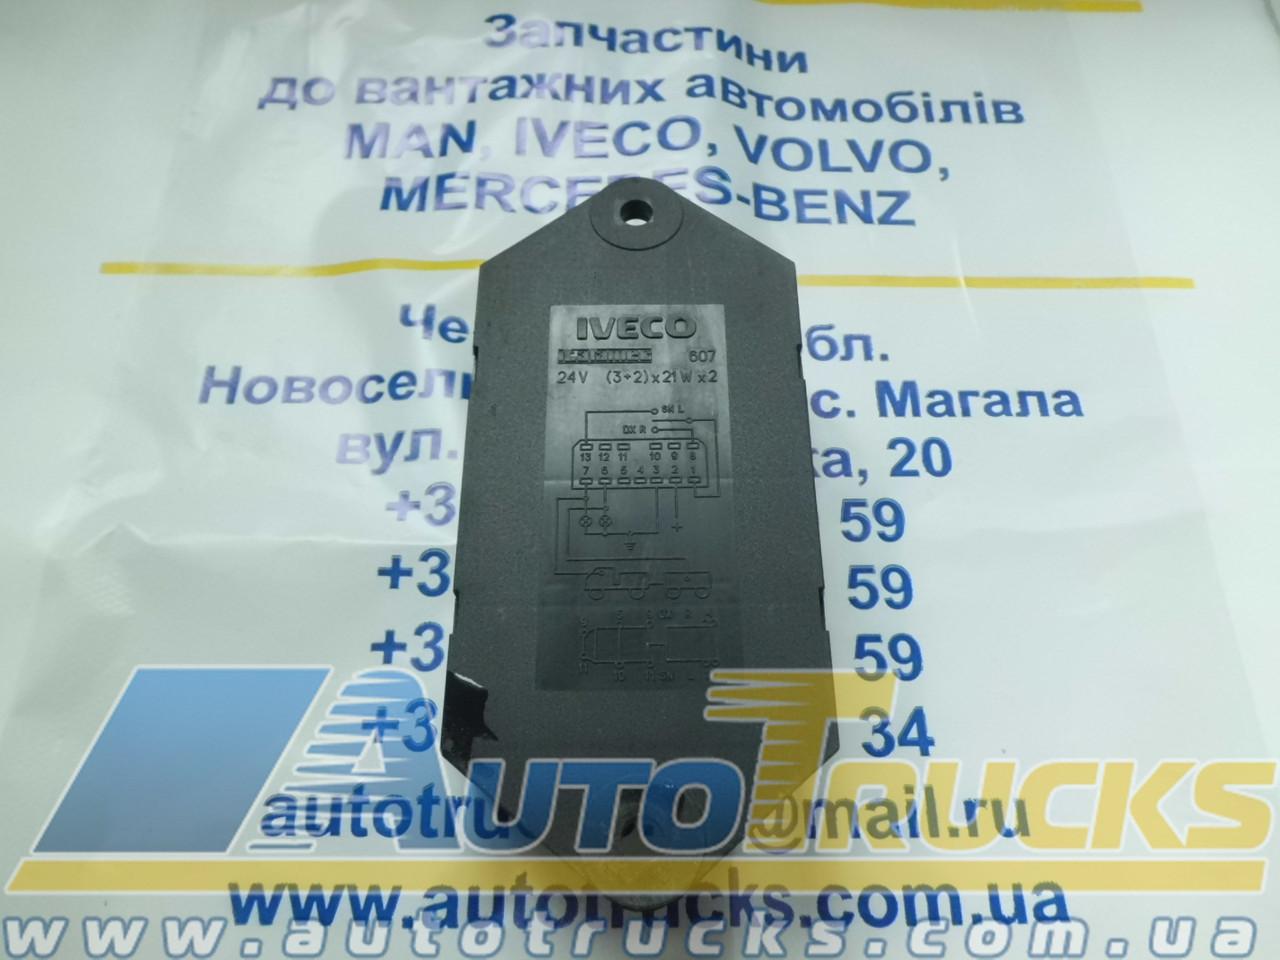 Блок управления pеле поворотов Italamec 607 24V Б/у для IVECO (500321679)